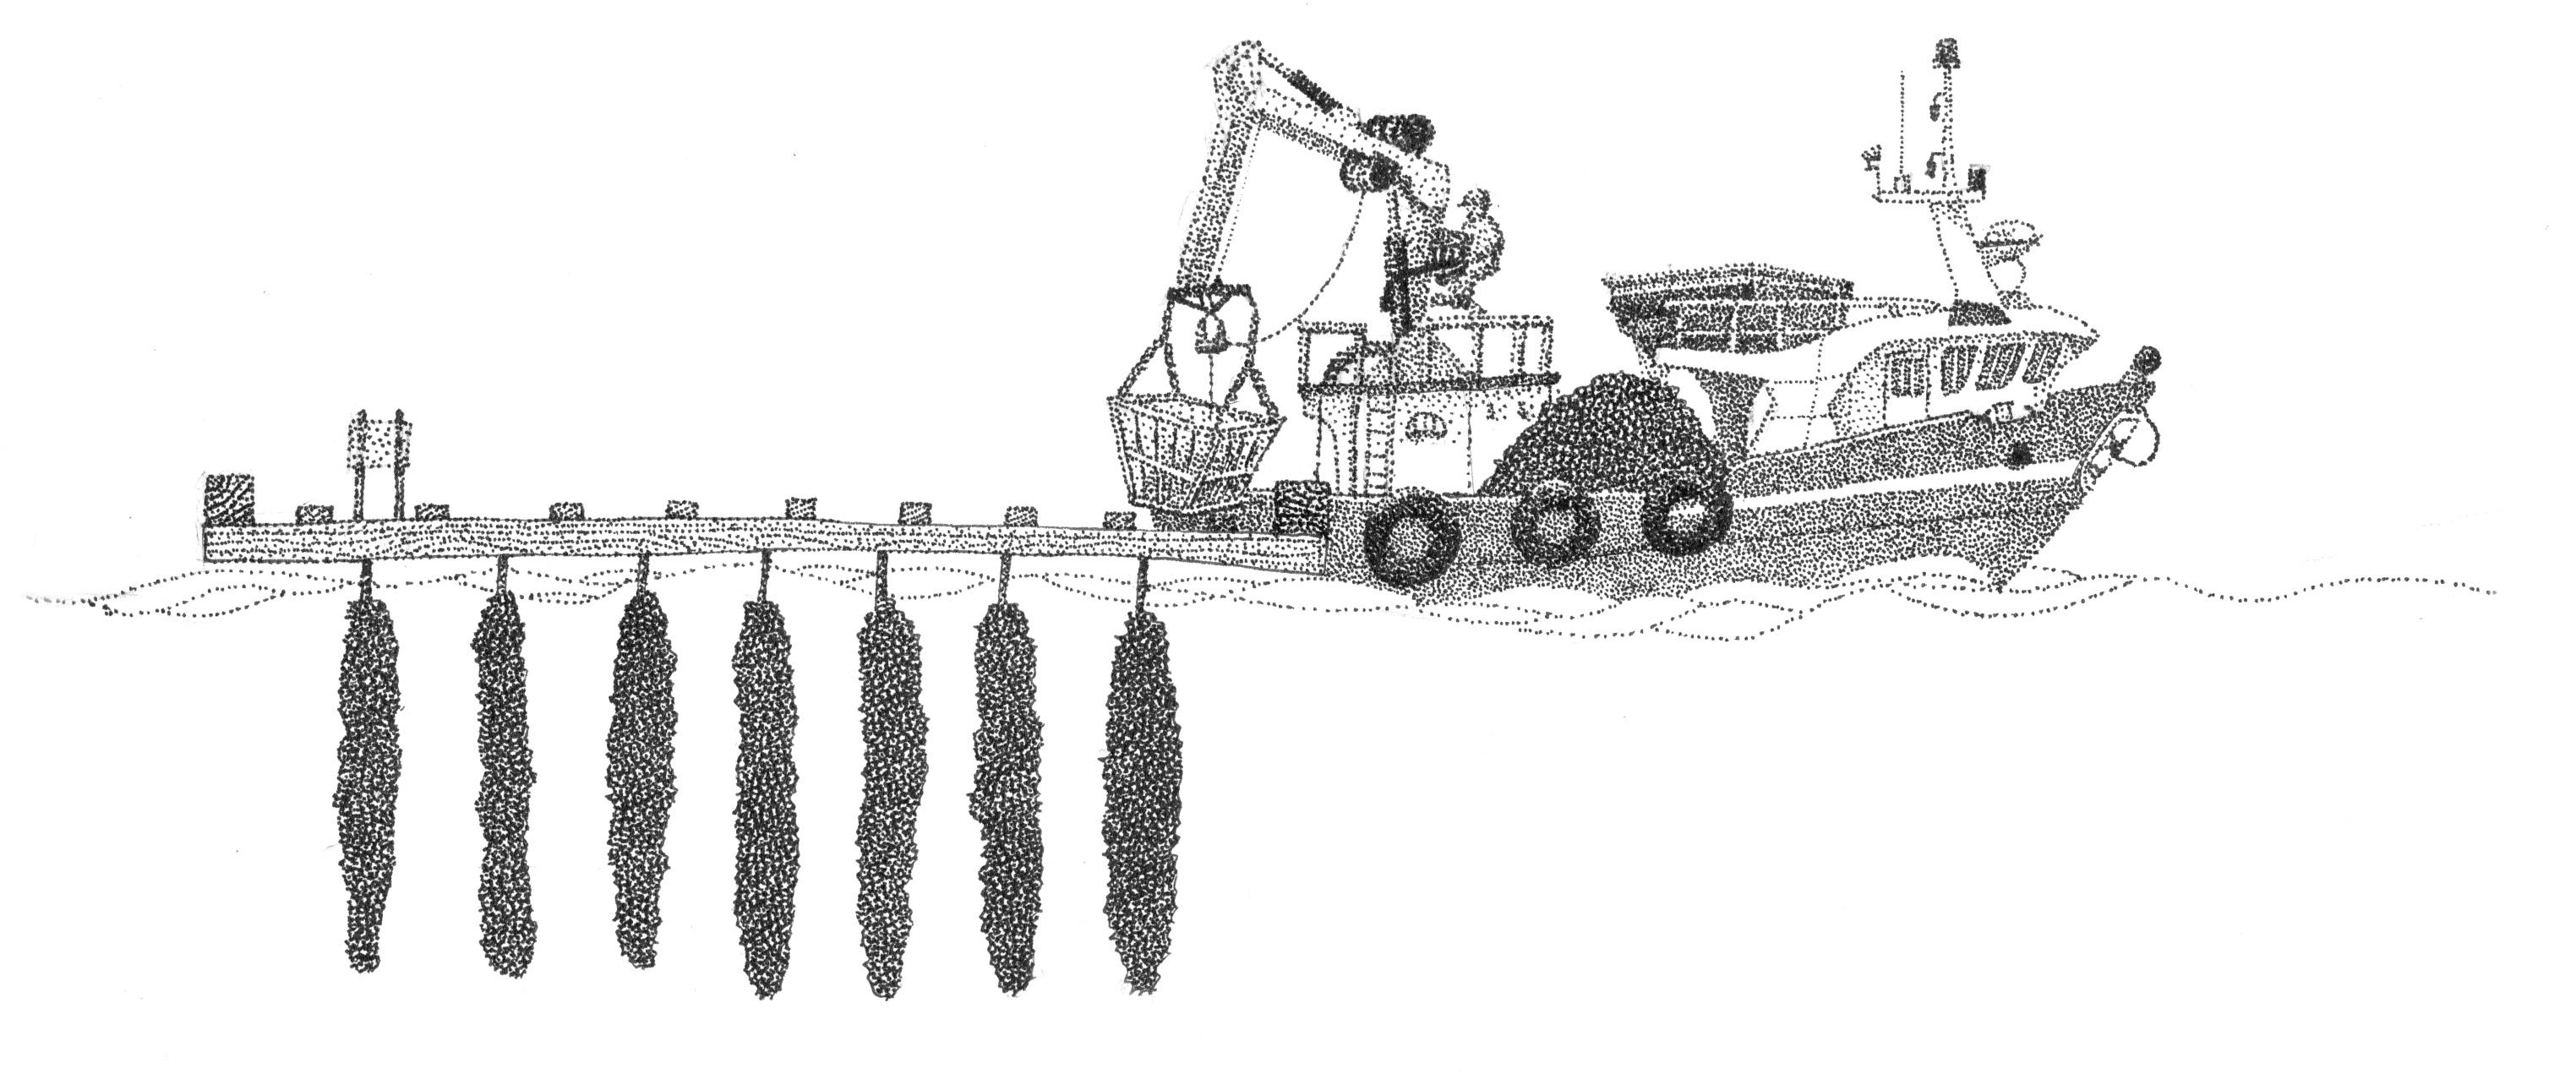 Ilustración barco en bateas